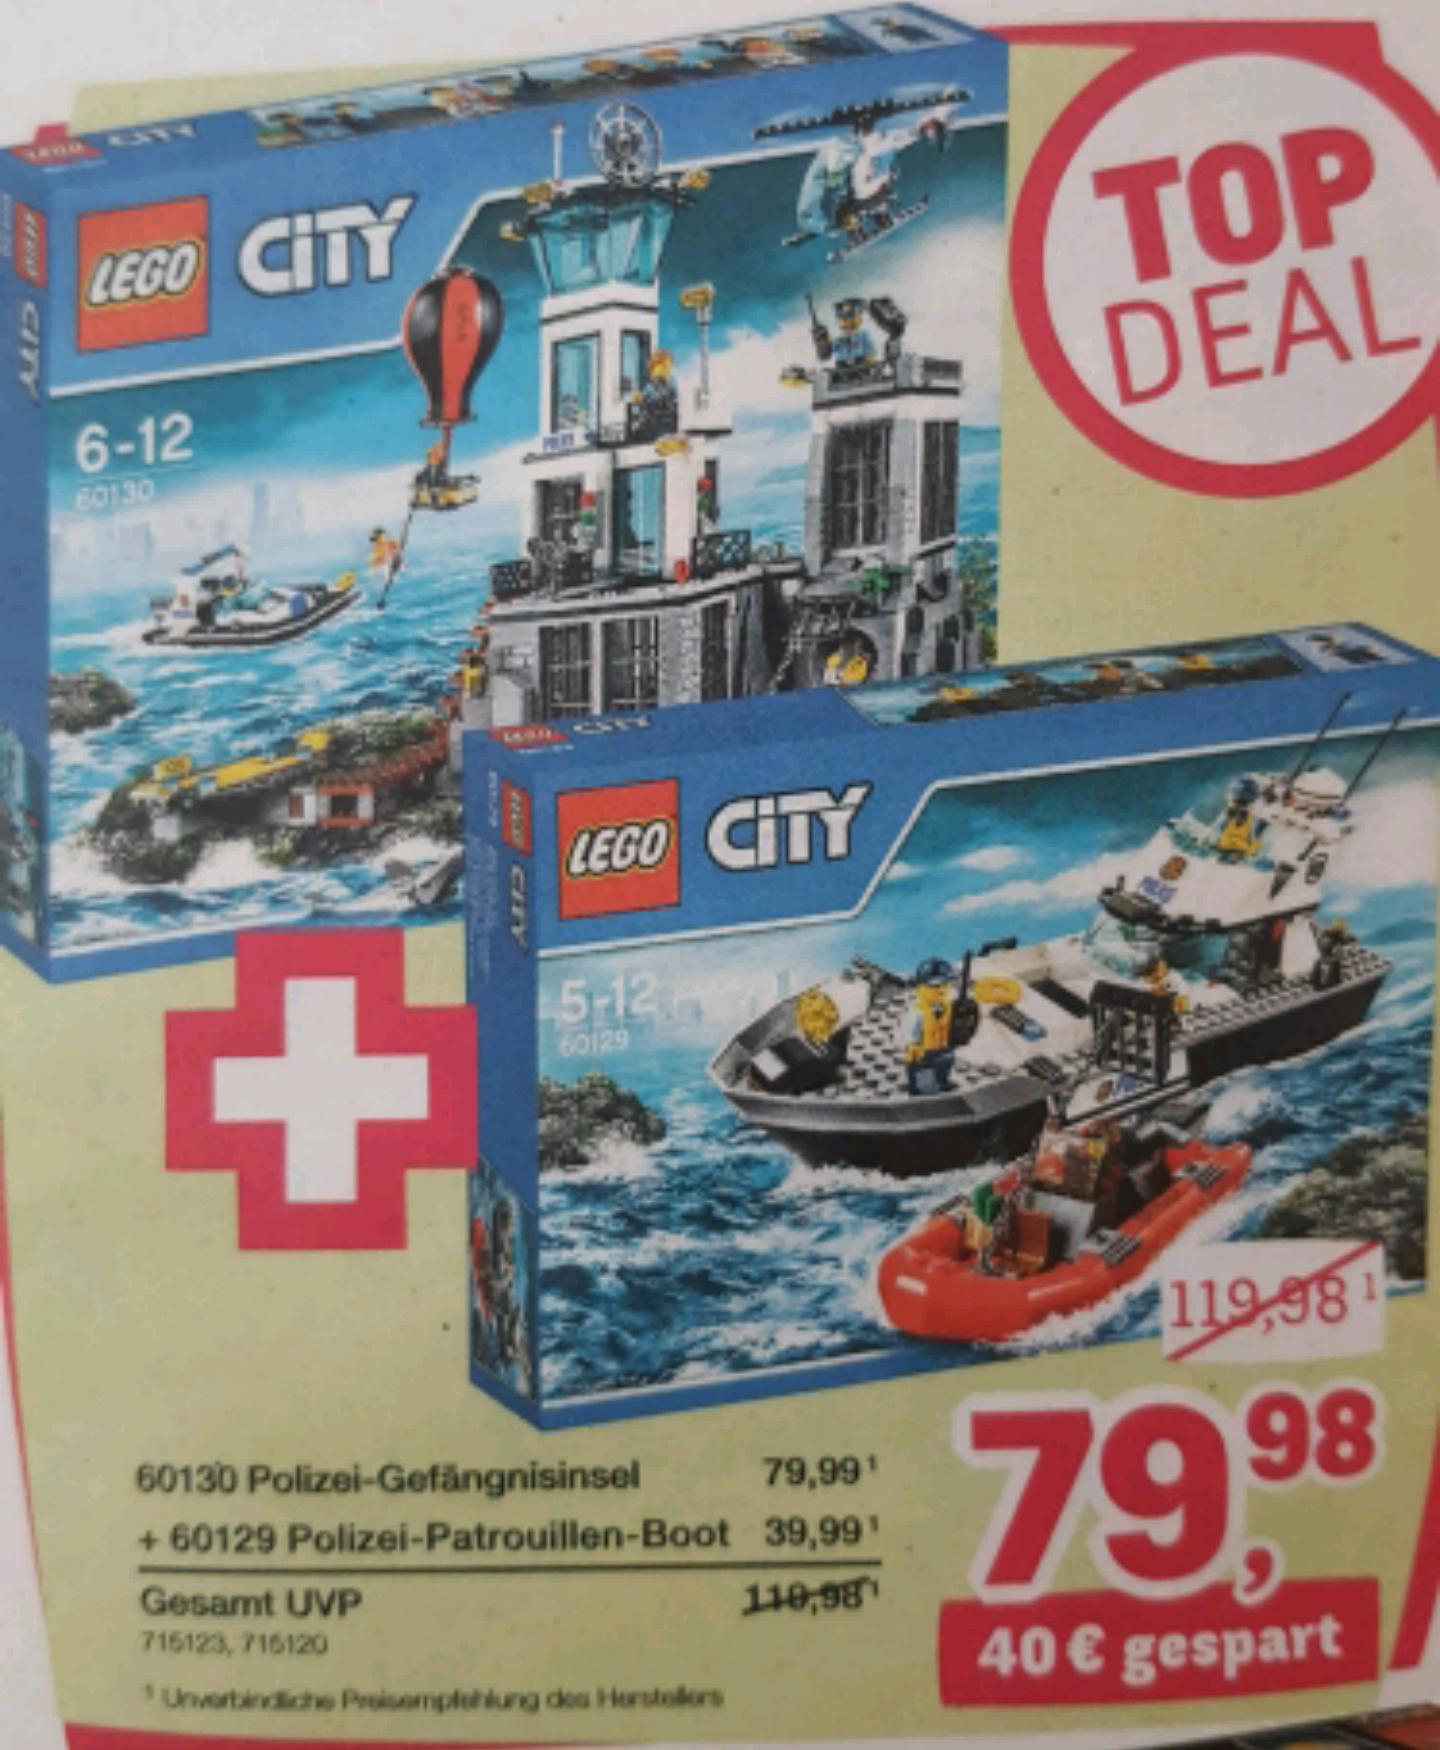 [ToysRus] 2er-Set Lego City Polizei 'TopDeal'